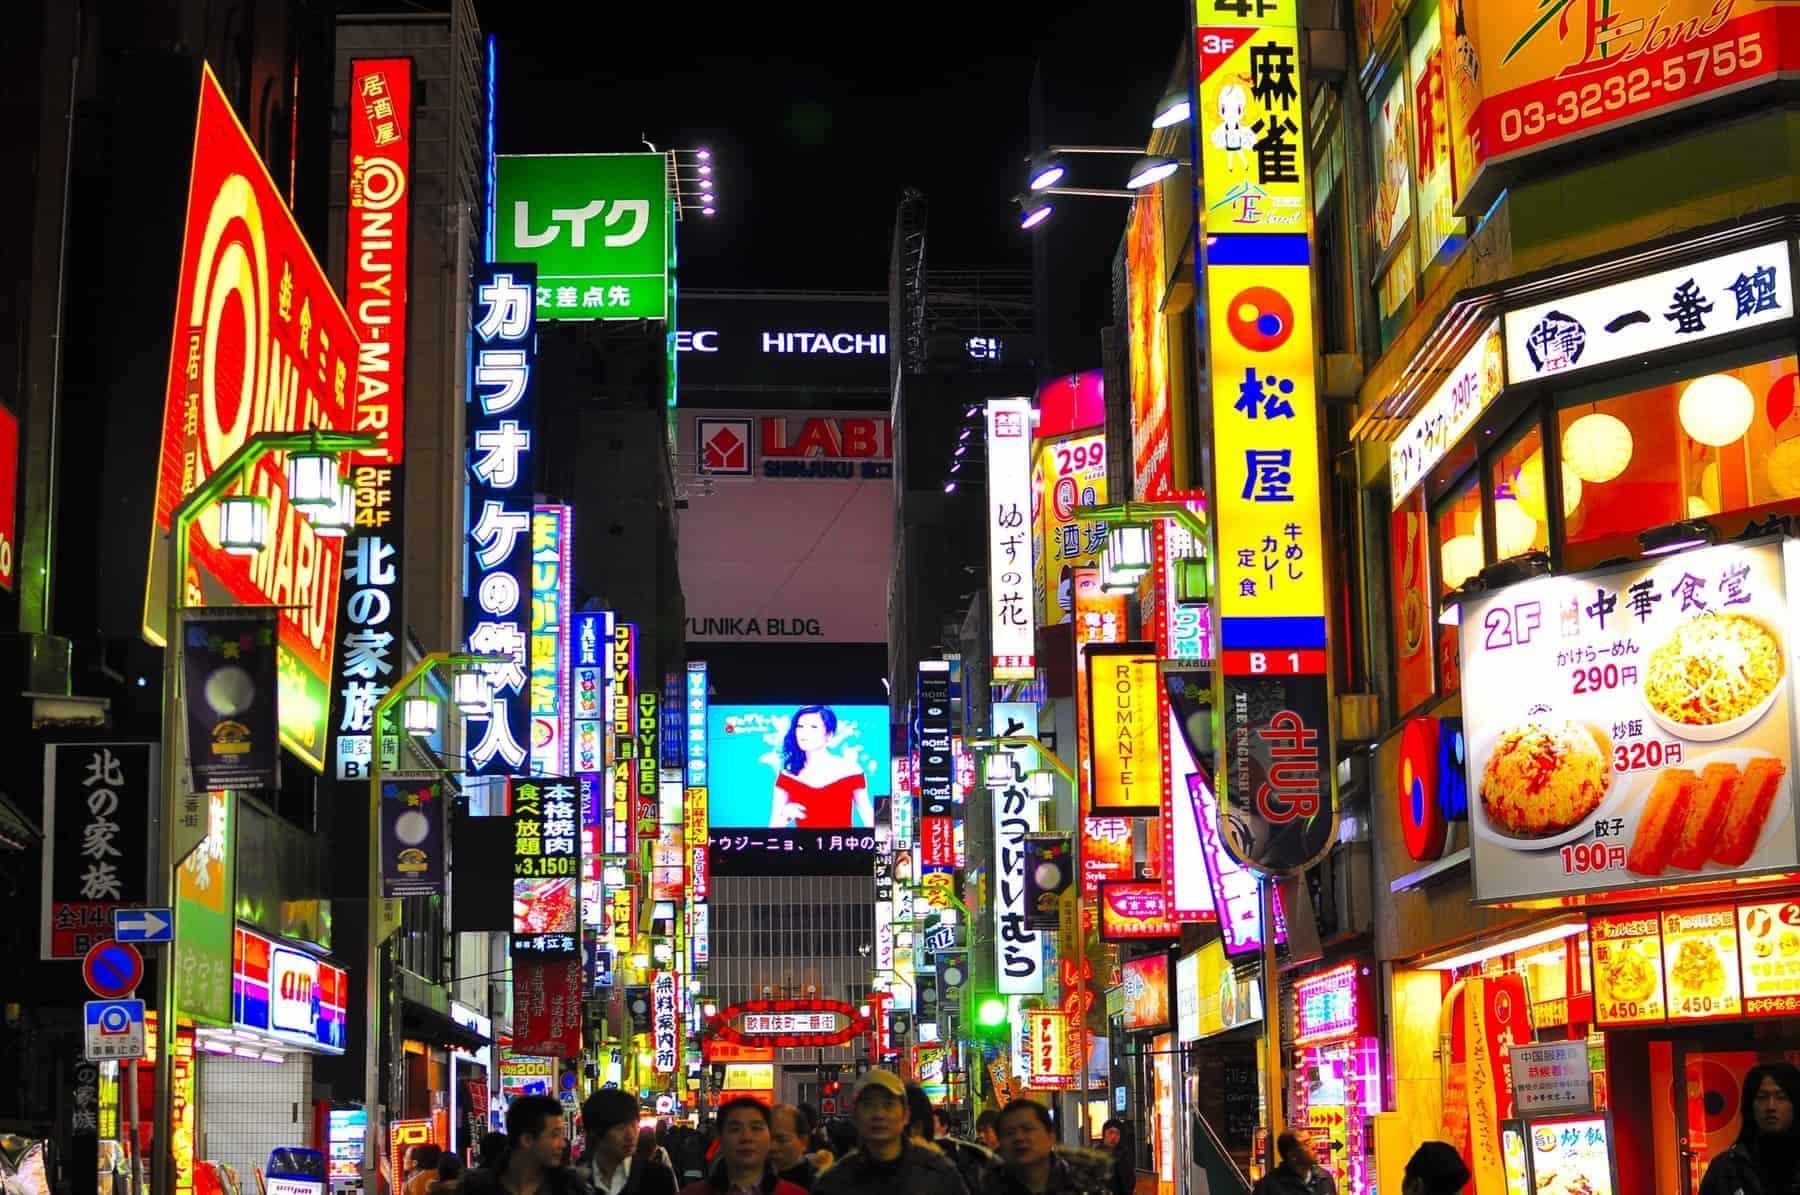 The neon light of Kabukicho, Shinjuku. The Tokyo redlight district.